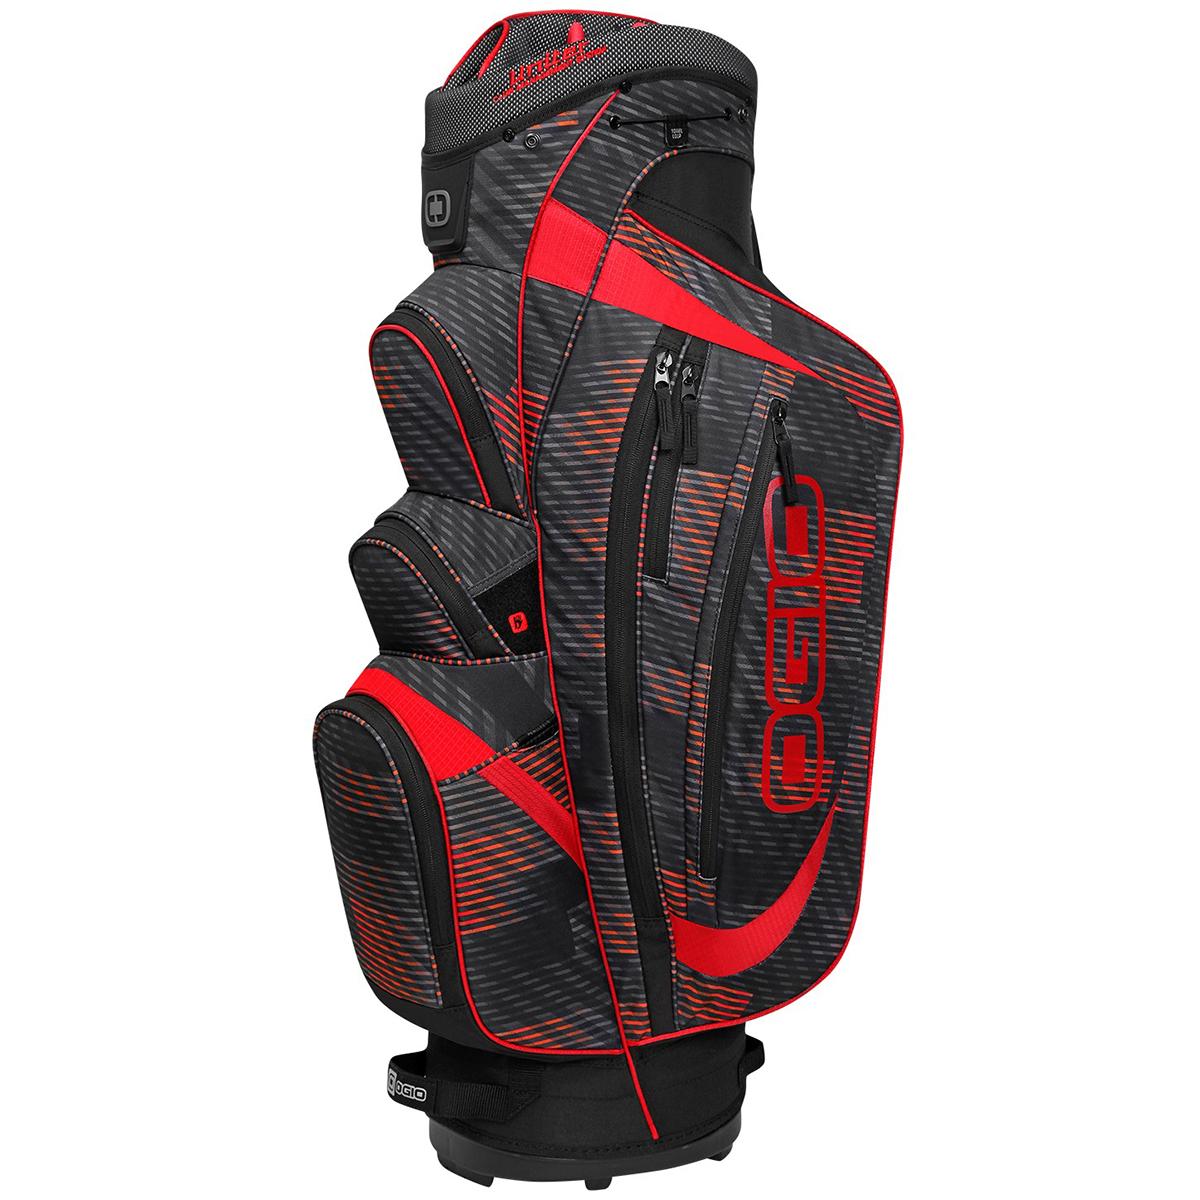 Ogio-Shredder-Golf-Cart-Bag